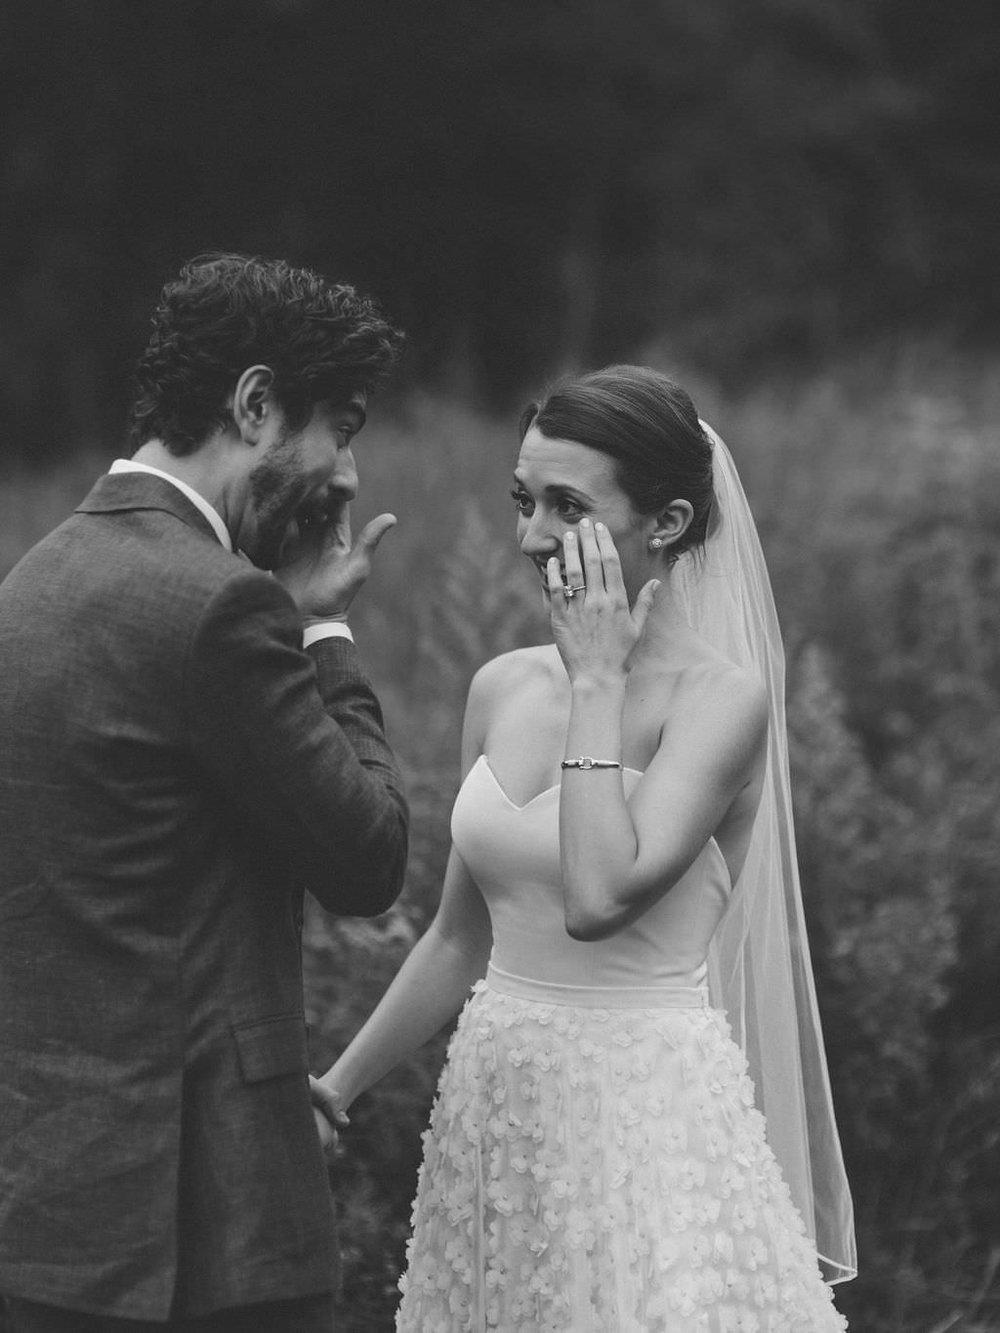 Amanda-Brett-Summer-Catskills-Farm-Wedding-Meadowlark-Stills-Lawrence-Braun-TEASER-0169.jpg